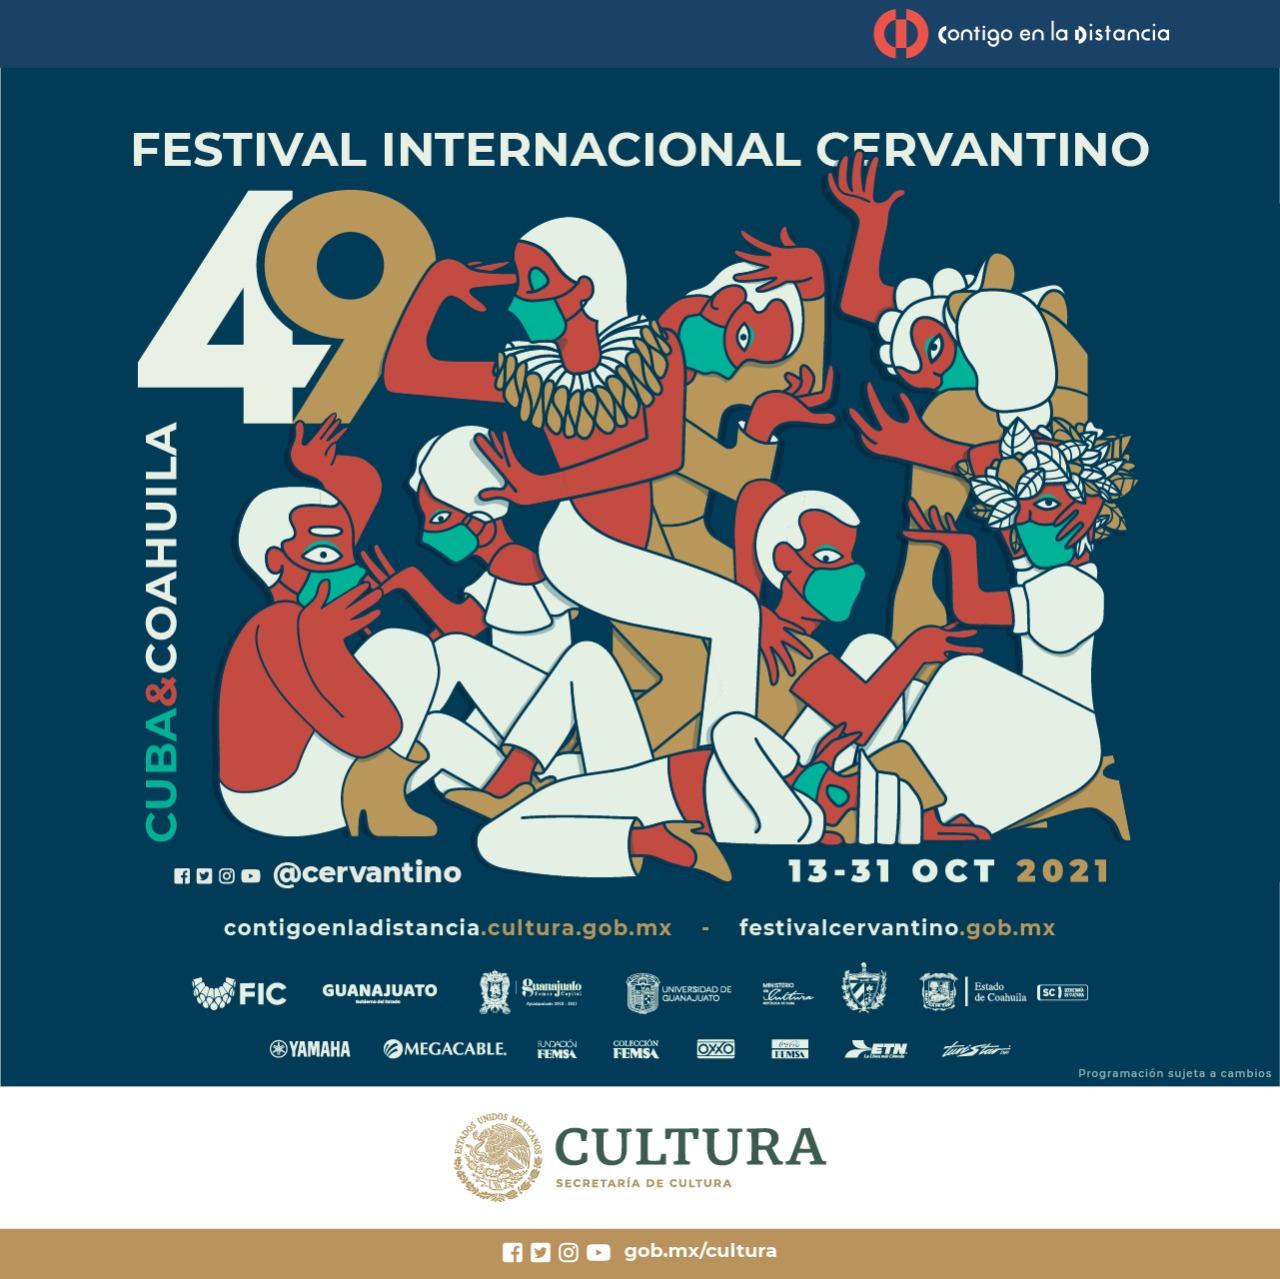 EL FESTIVAL INTERNACIONAL CERVANTINO REGRESA DE FORMA PRESENCIAL EN SU 49 EDICIÓN